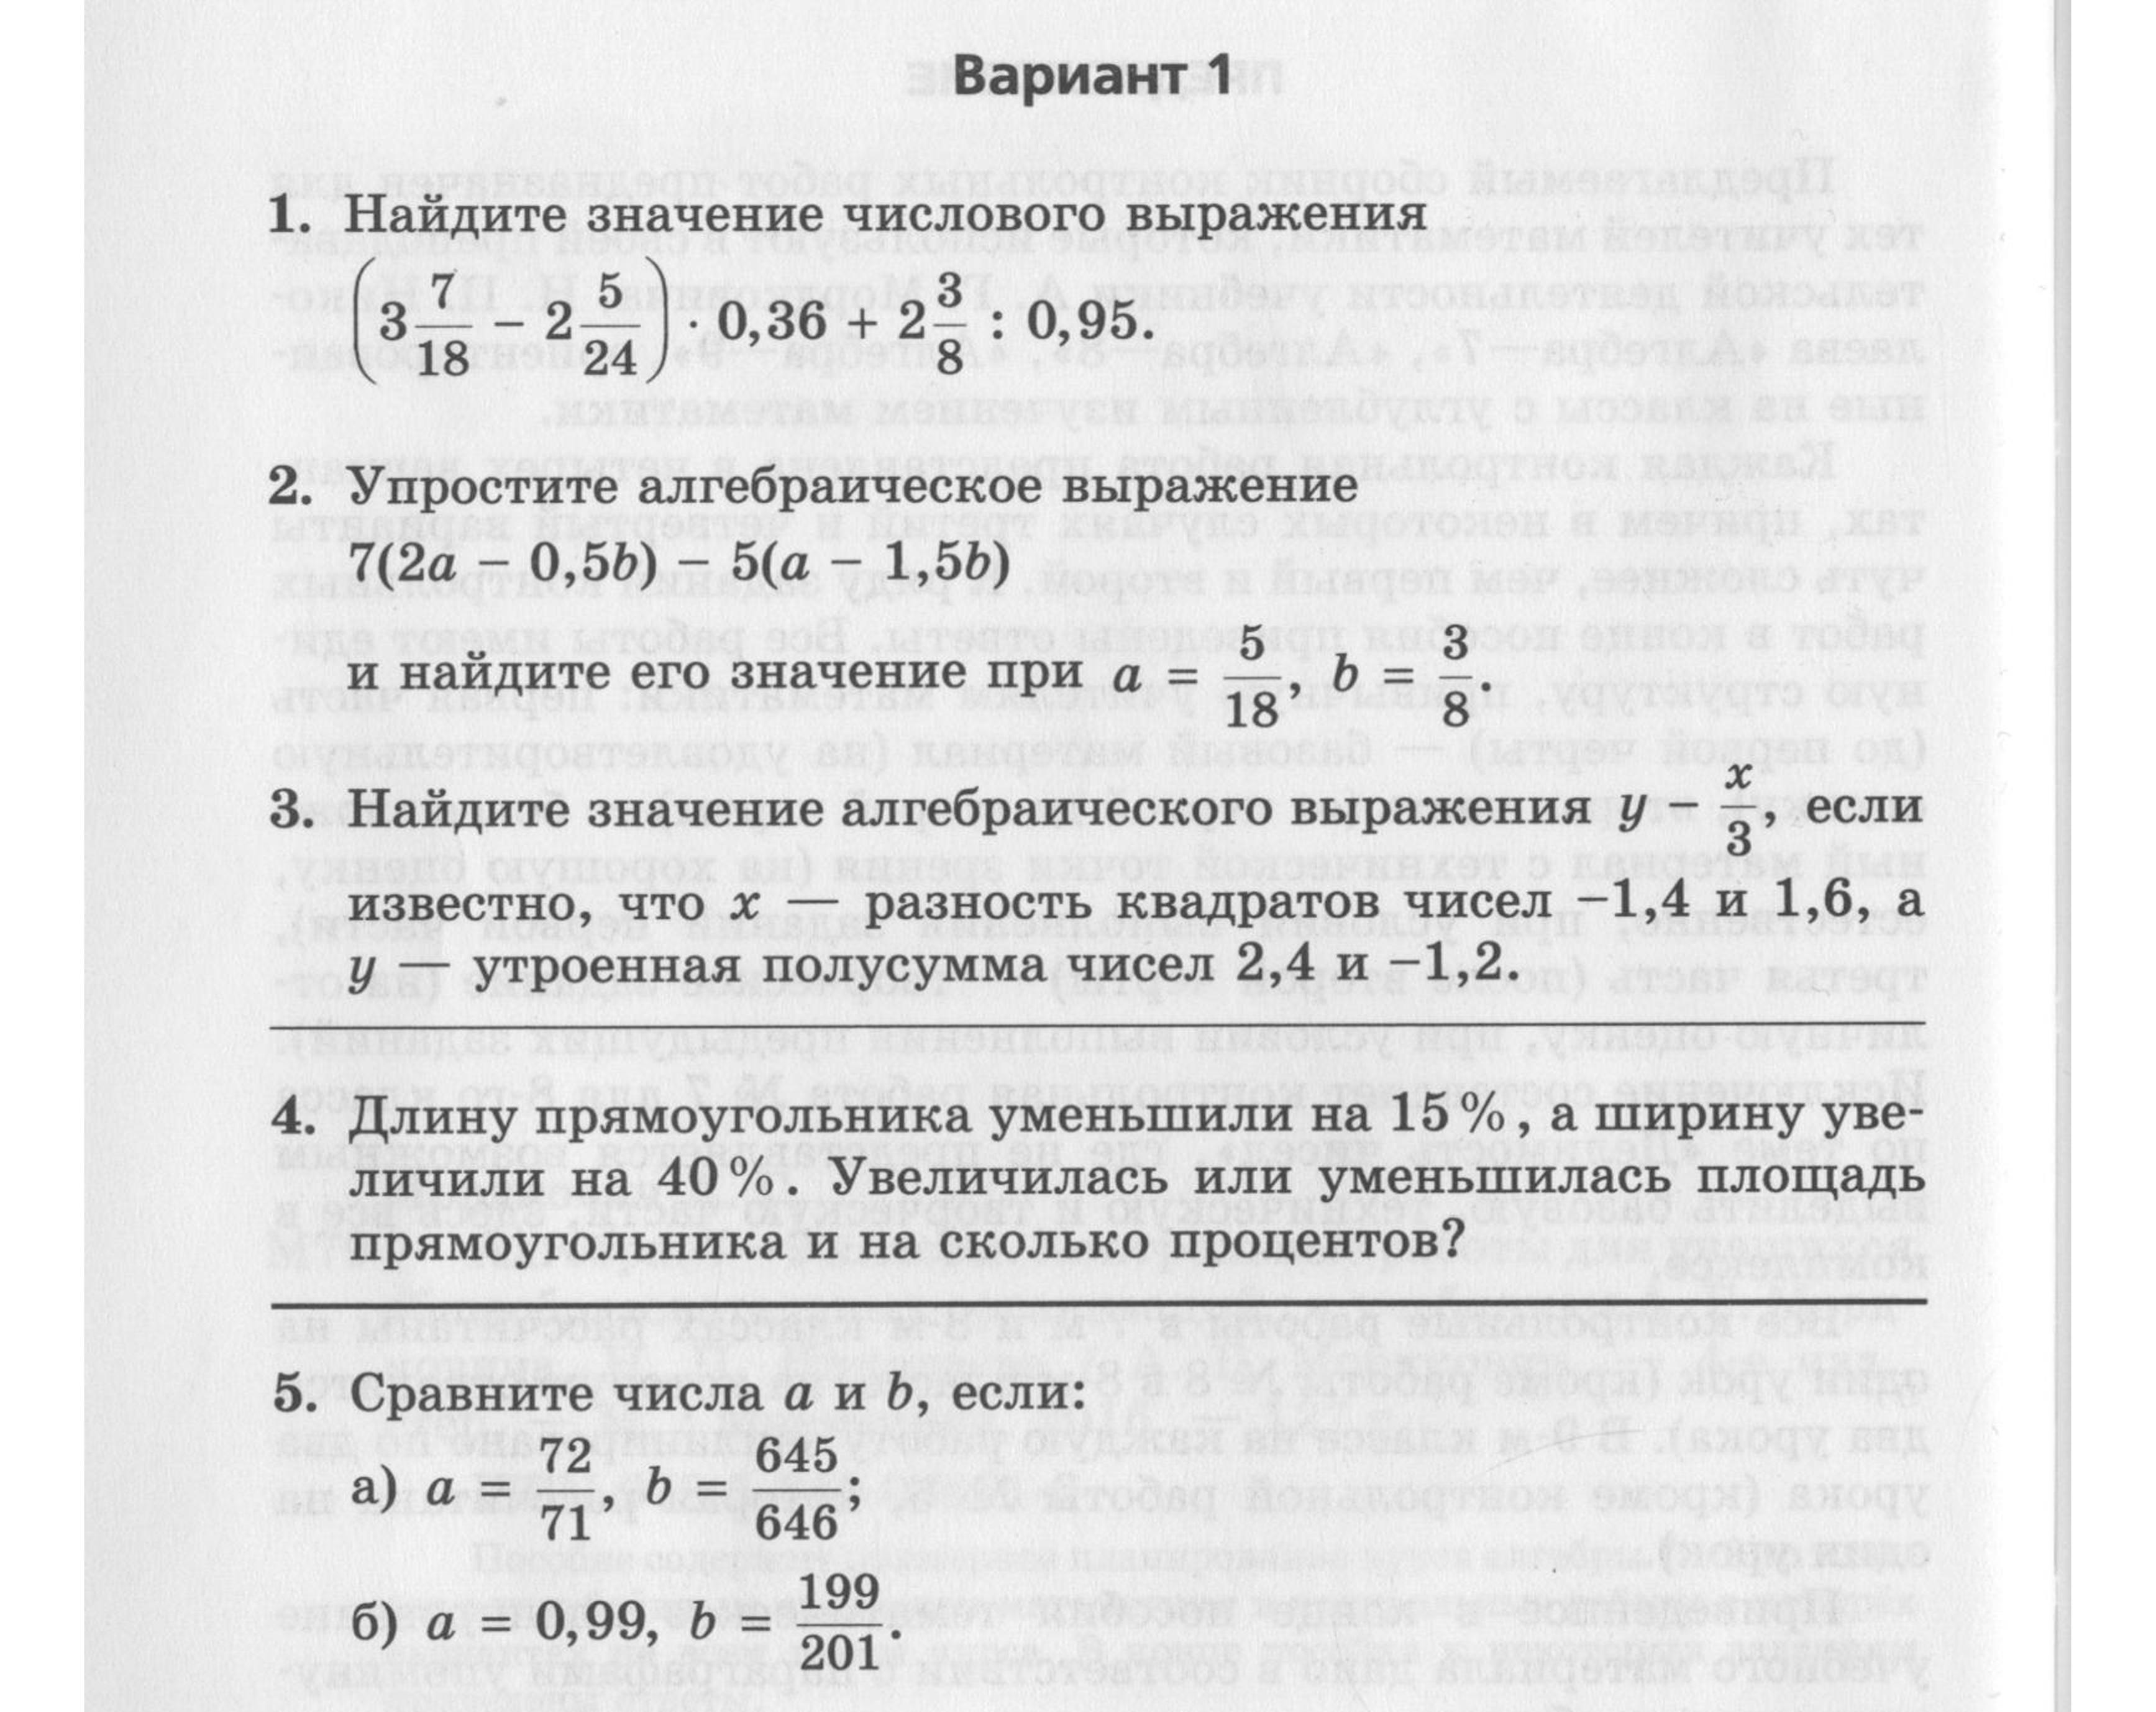 7 класс. Задания из контрольной работы №1: Вариант 1 - условие